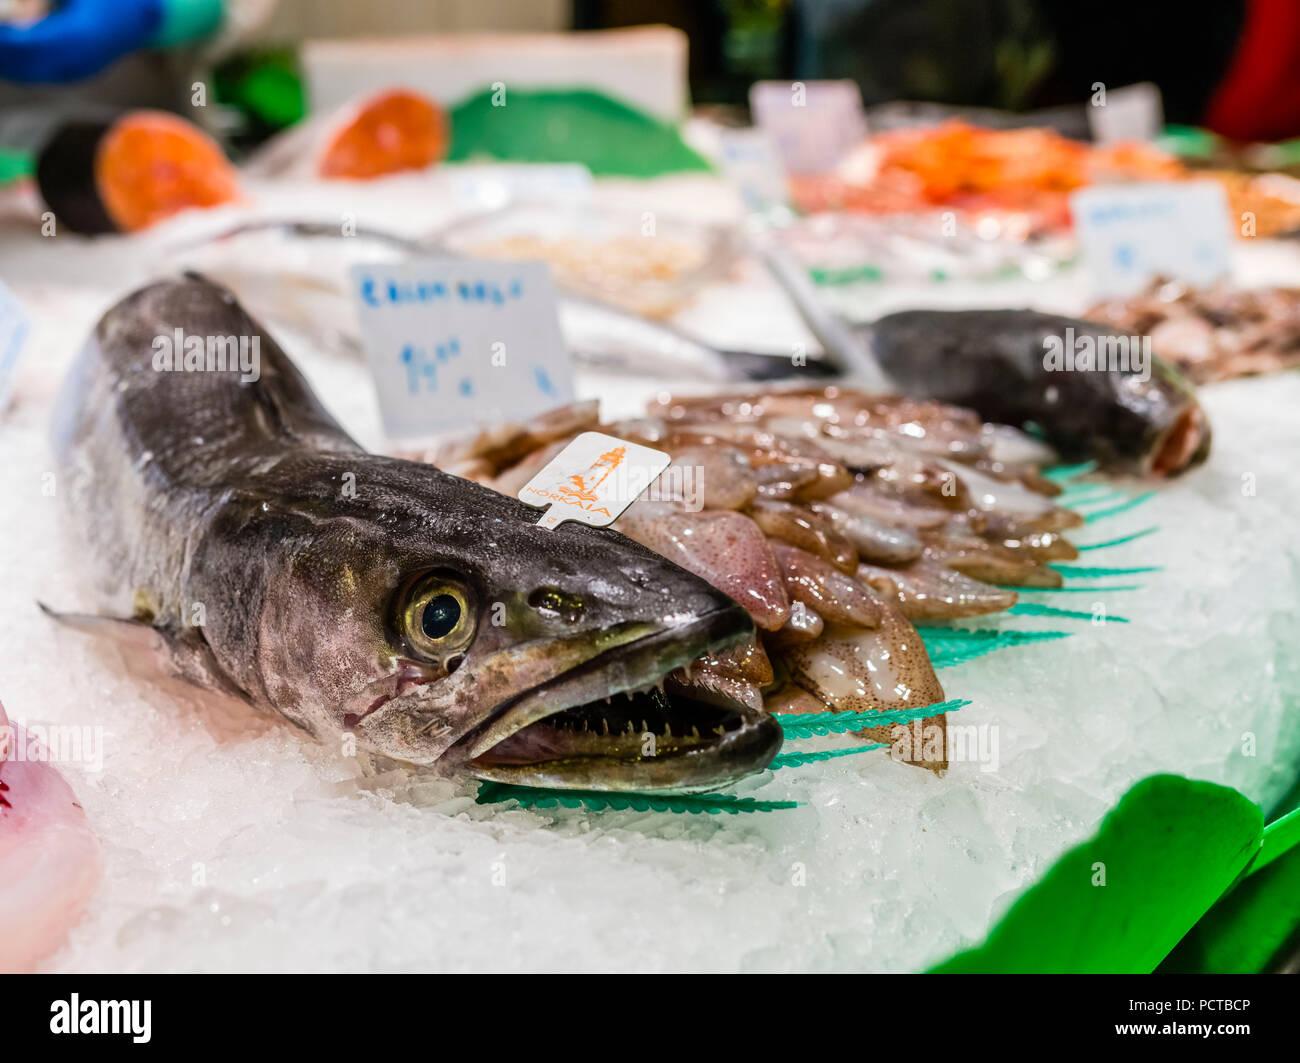 Mercat de Boqueria Market Hall in Barcelona, Fish Stock Photo